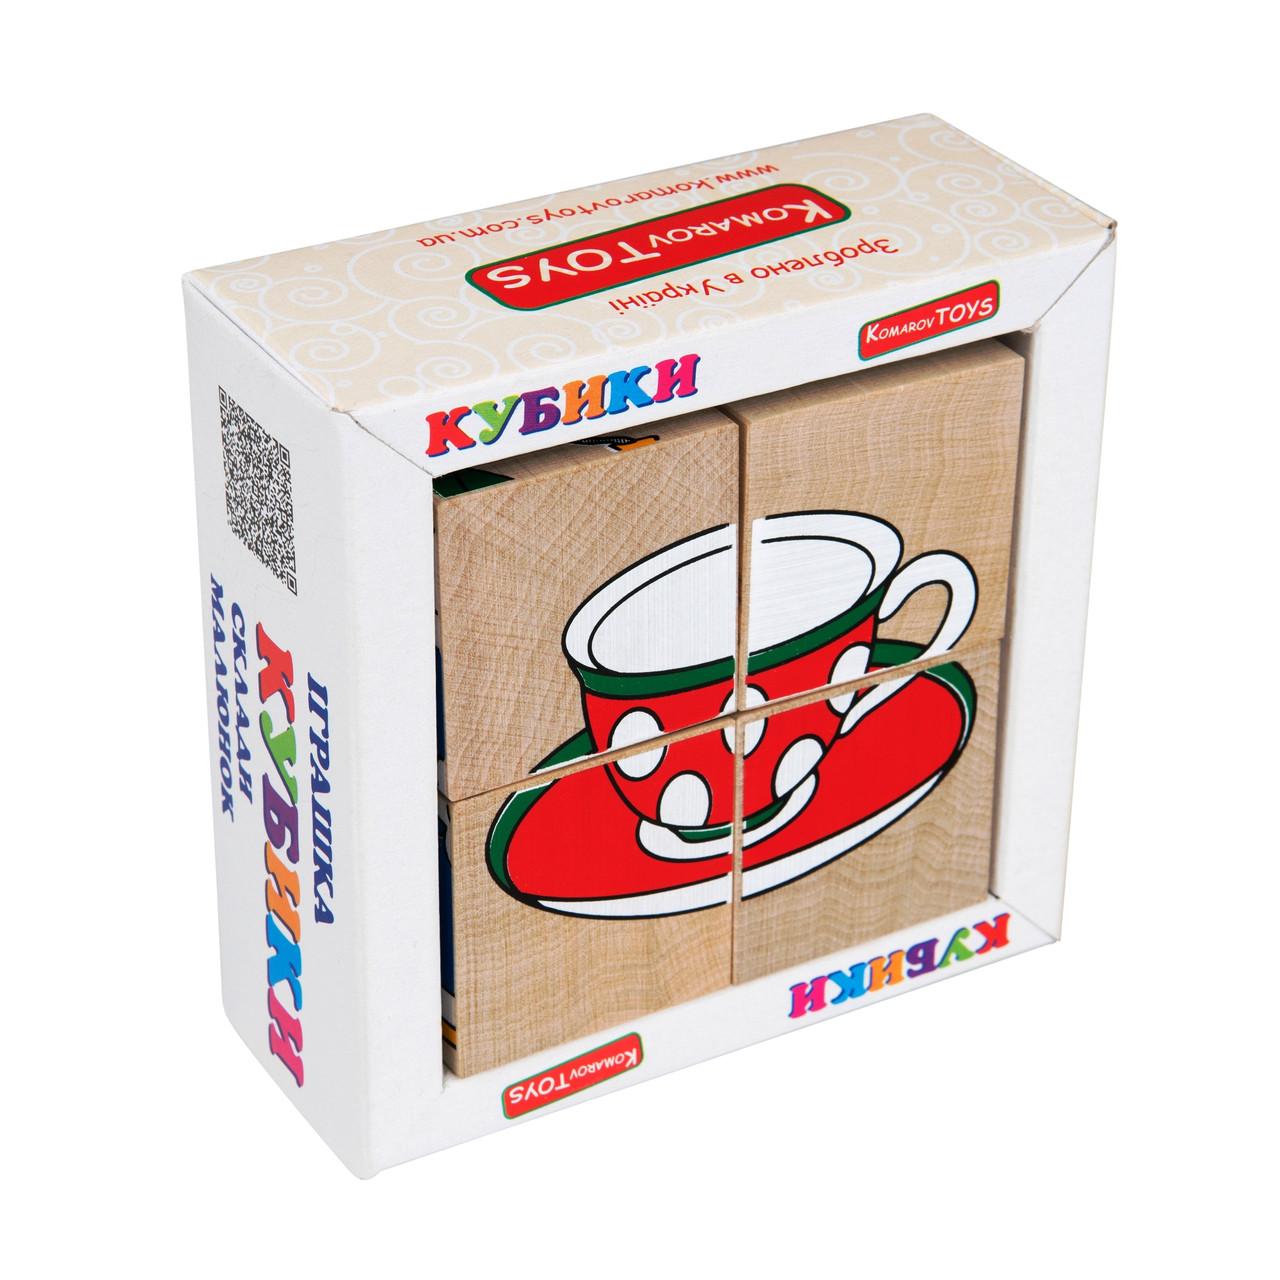 Кубики Склади малюнок Посуд Komarovtoys (T605)